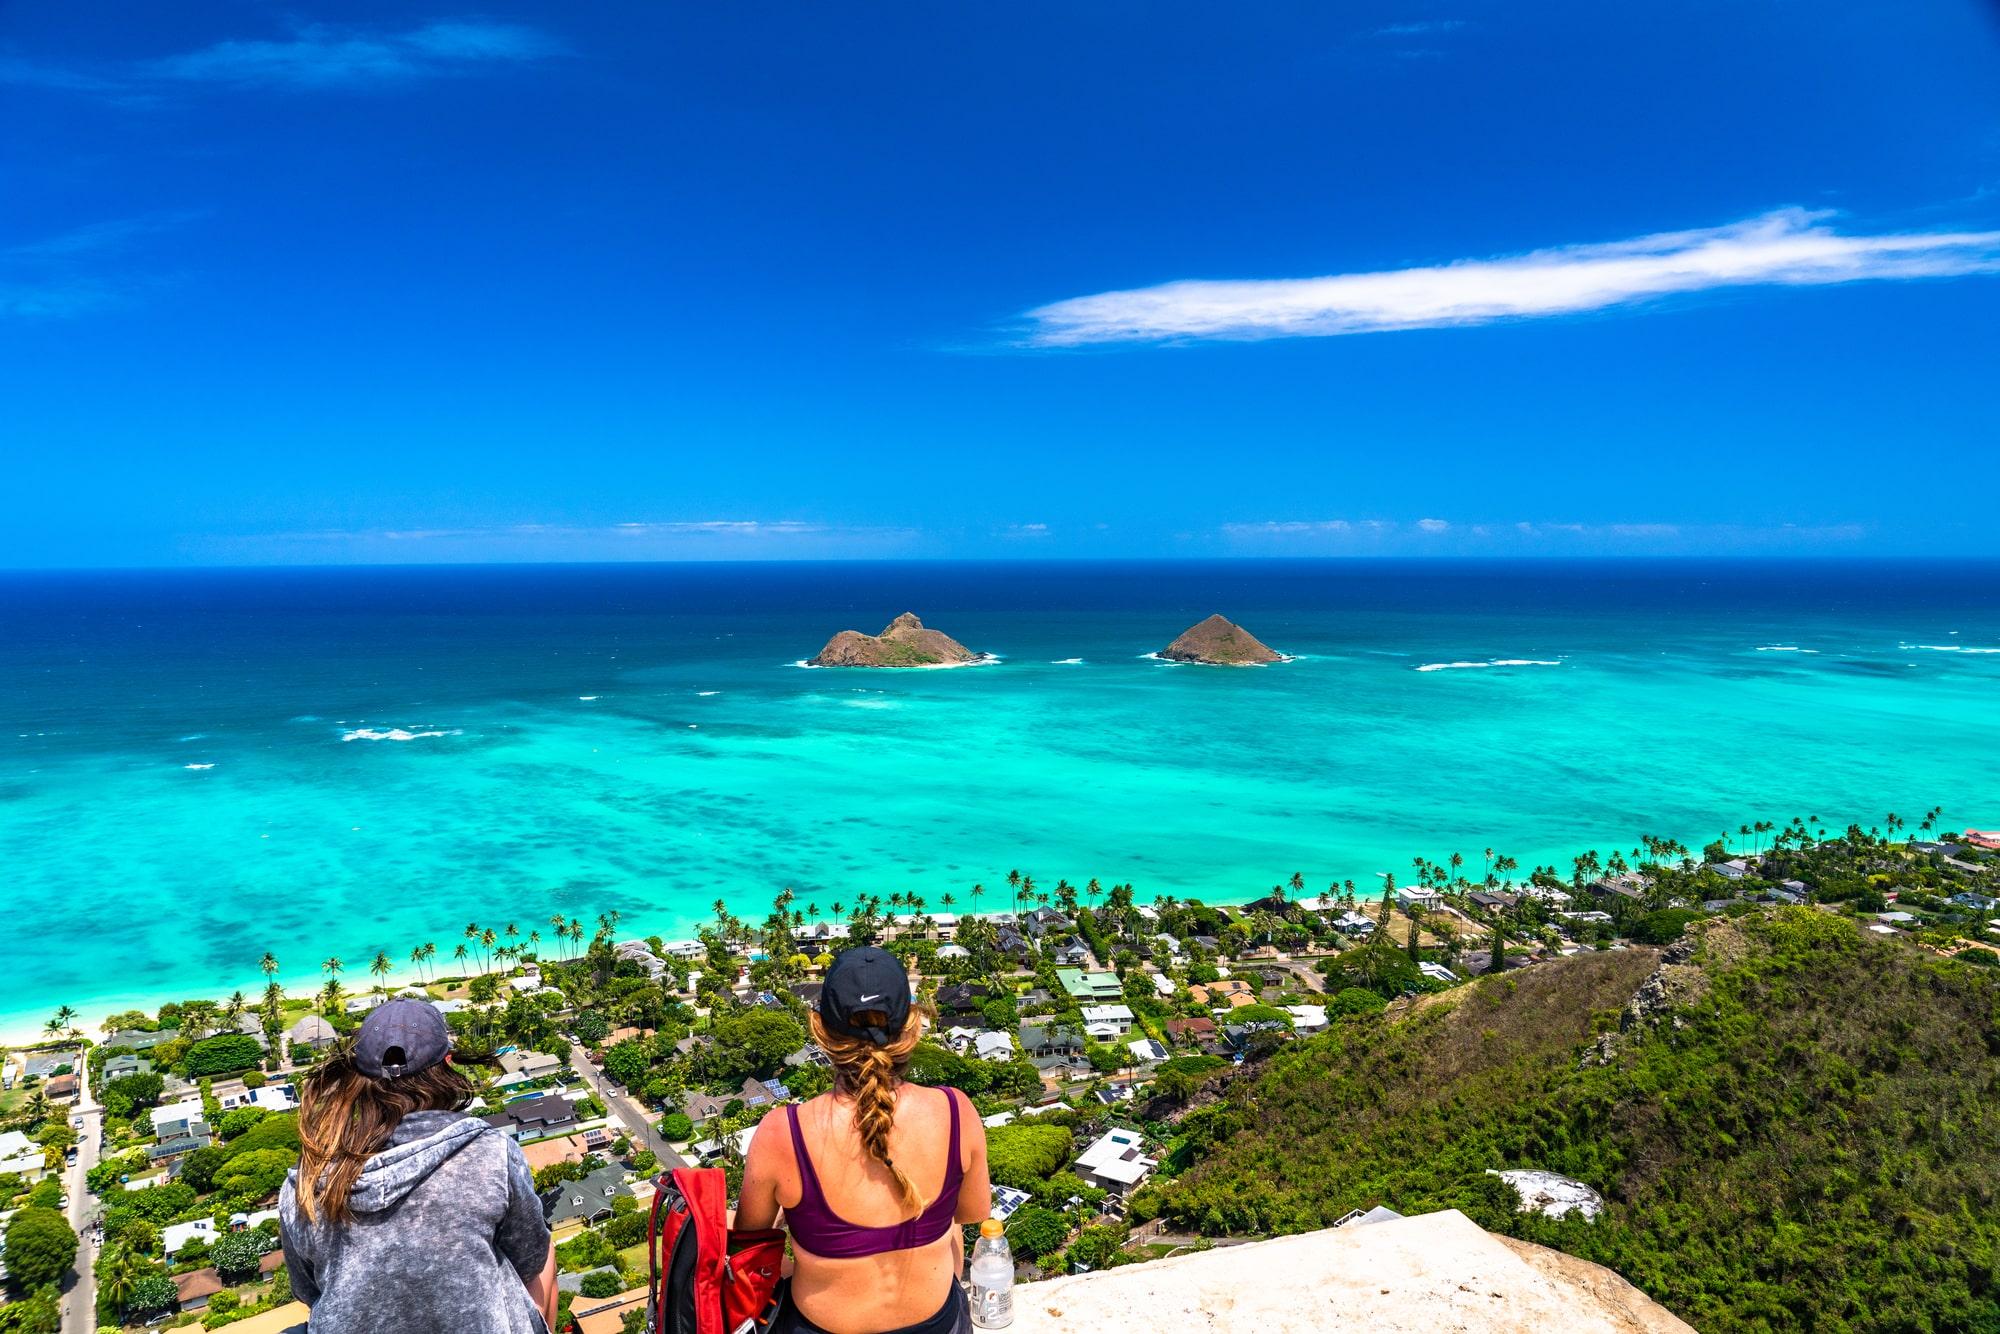 ハワイ ラニカイピルボックスの眺め